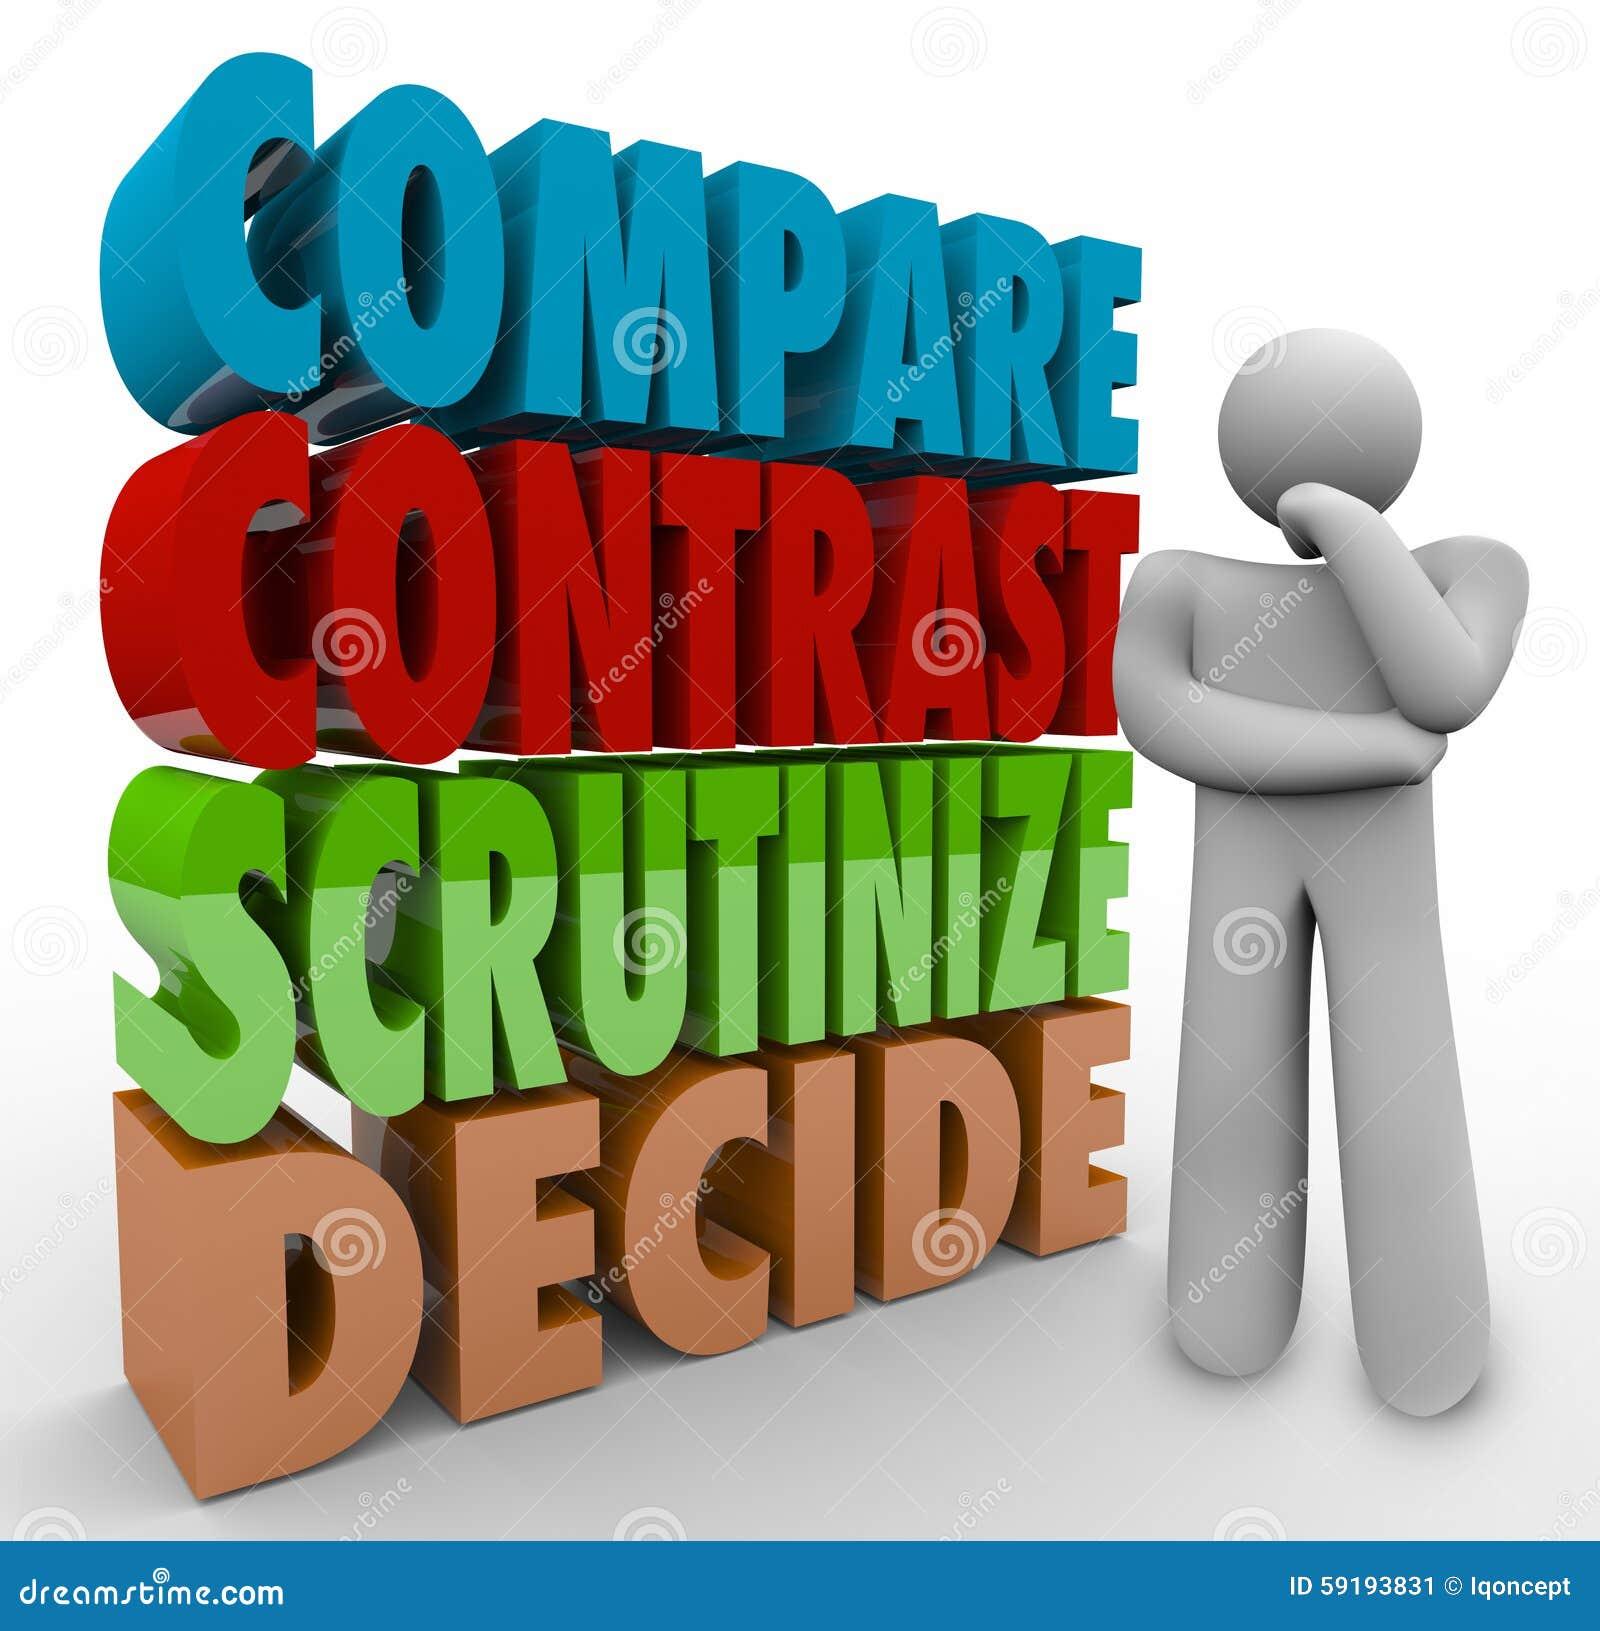 Vergleichen Sie Kontrast nachforschen entscheiden denkenden Person Choose Select